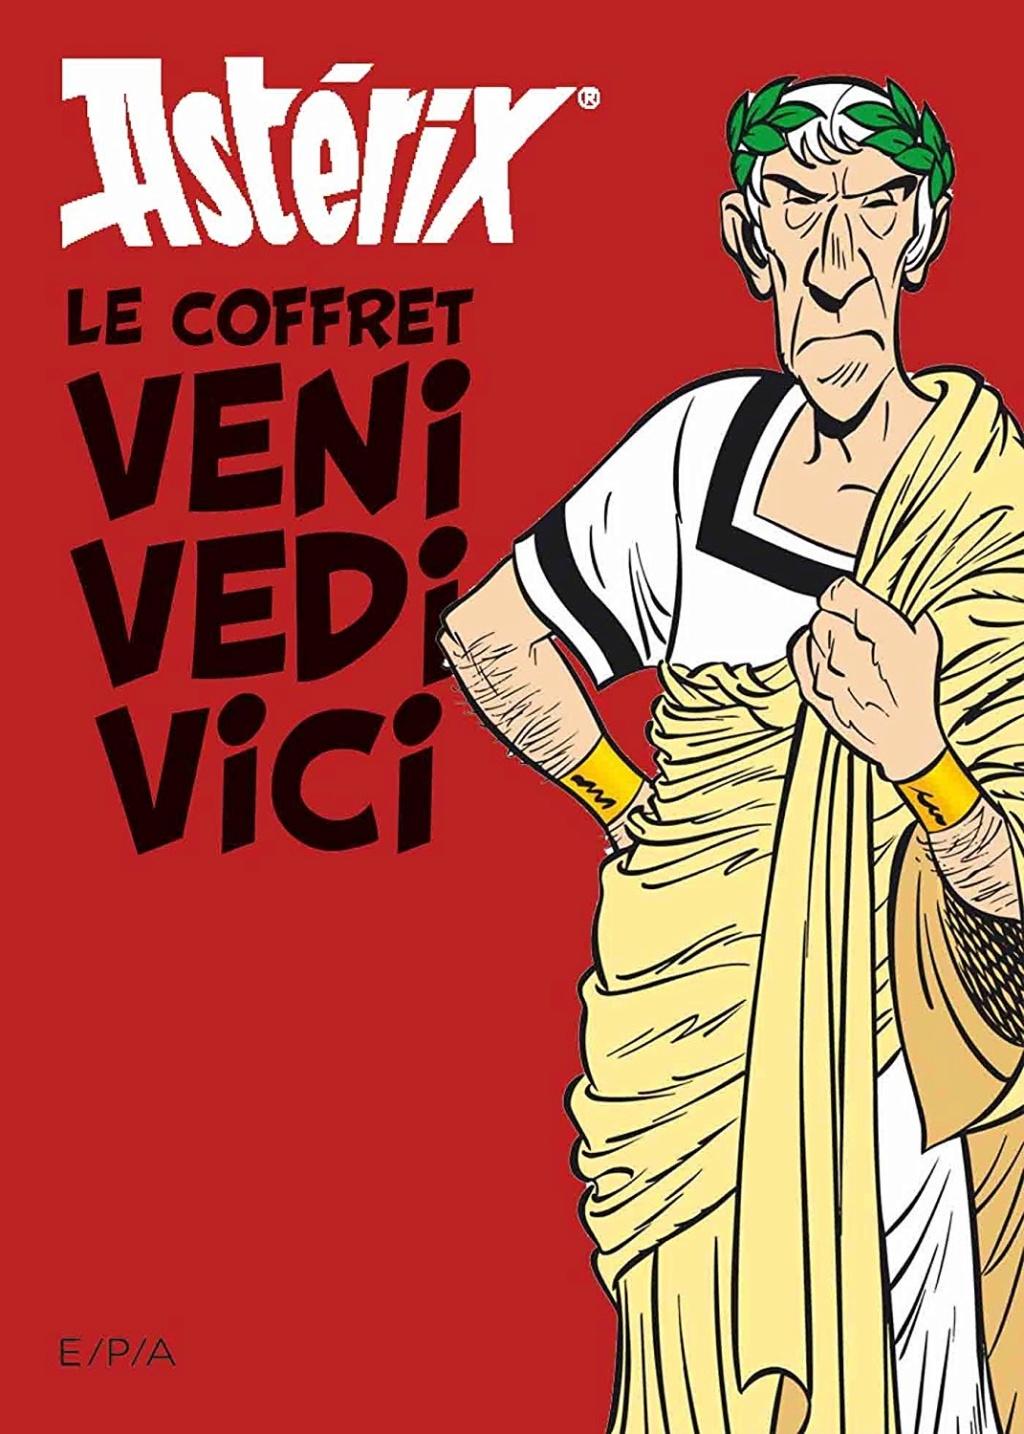 Asterix - Le coffret Veni Vedi Vici : Les citations latines expliquées - Les vérités historiques - 9 octobre 2019 71vt-a10